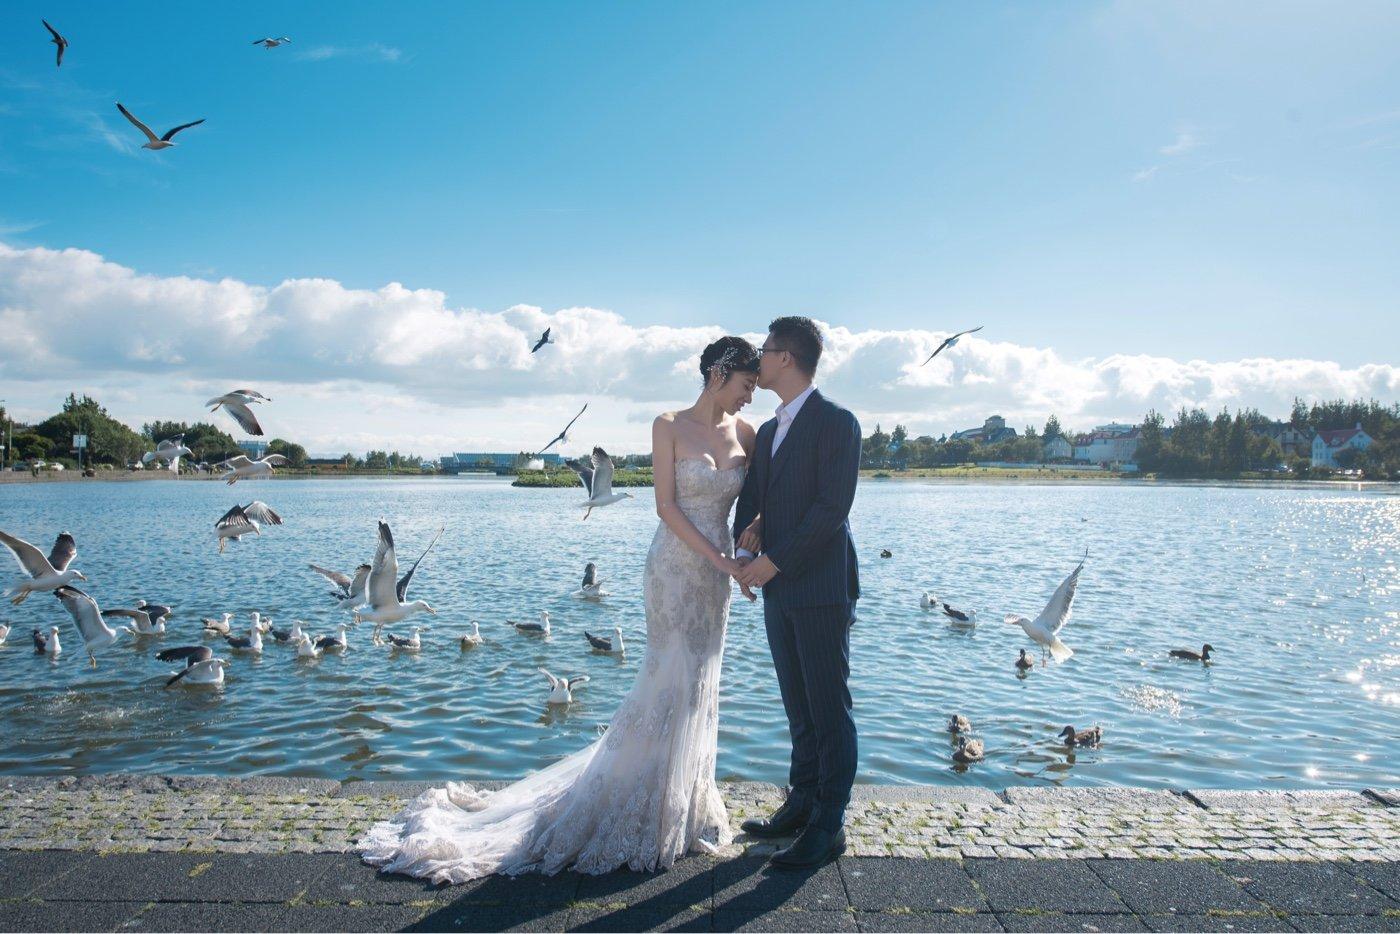 MoFoTo 冰岛婚纱旅拍7